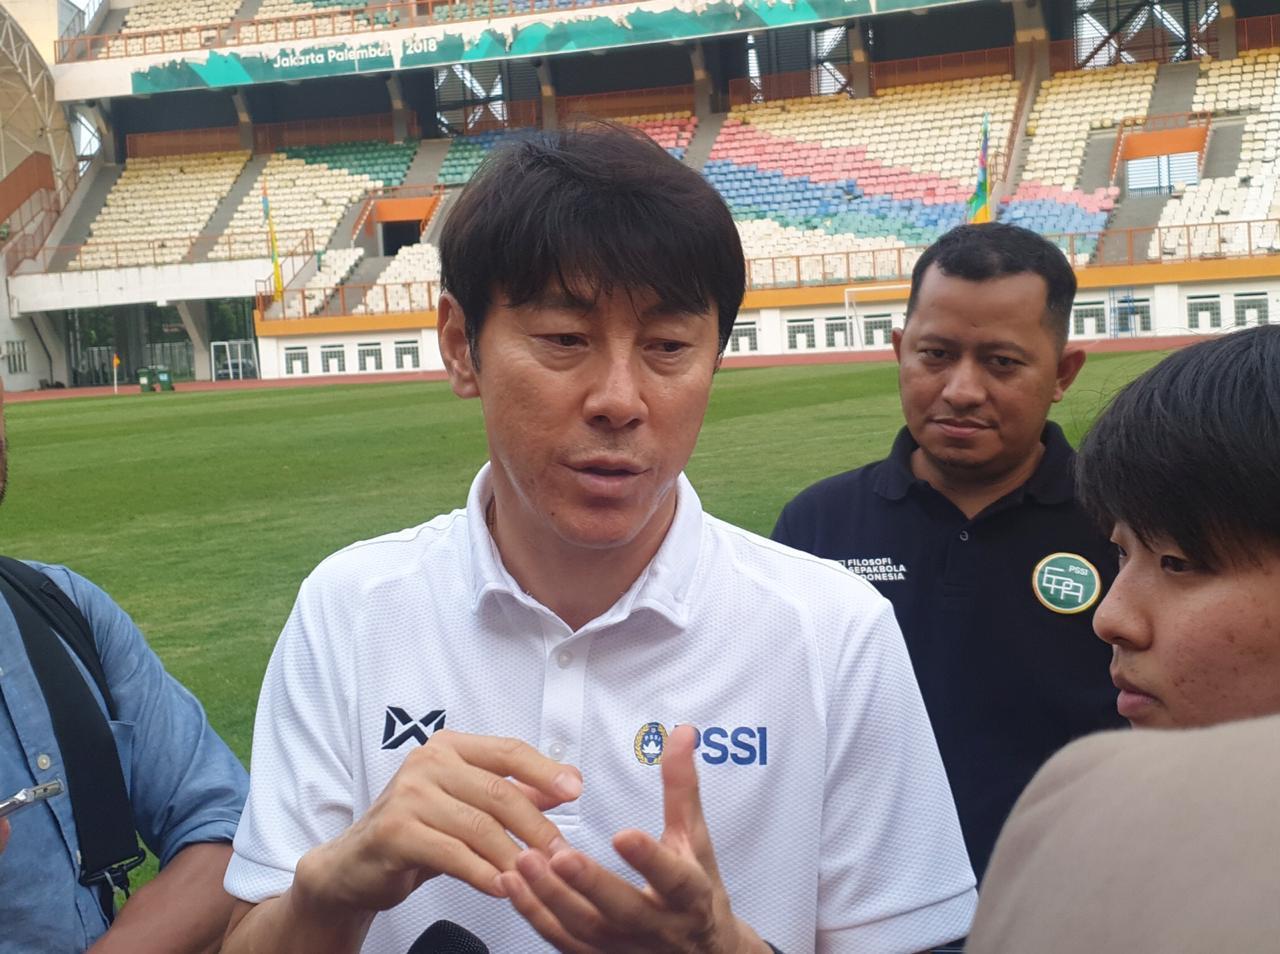 Timnas Indonesia U-19 Menang Atas Kyung Hee University, Shin Tae Yong: Mental Pemain Bagus - JPNN.com